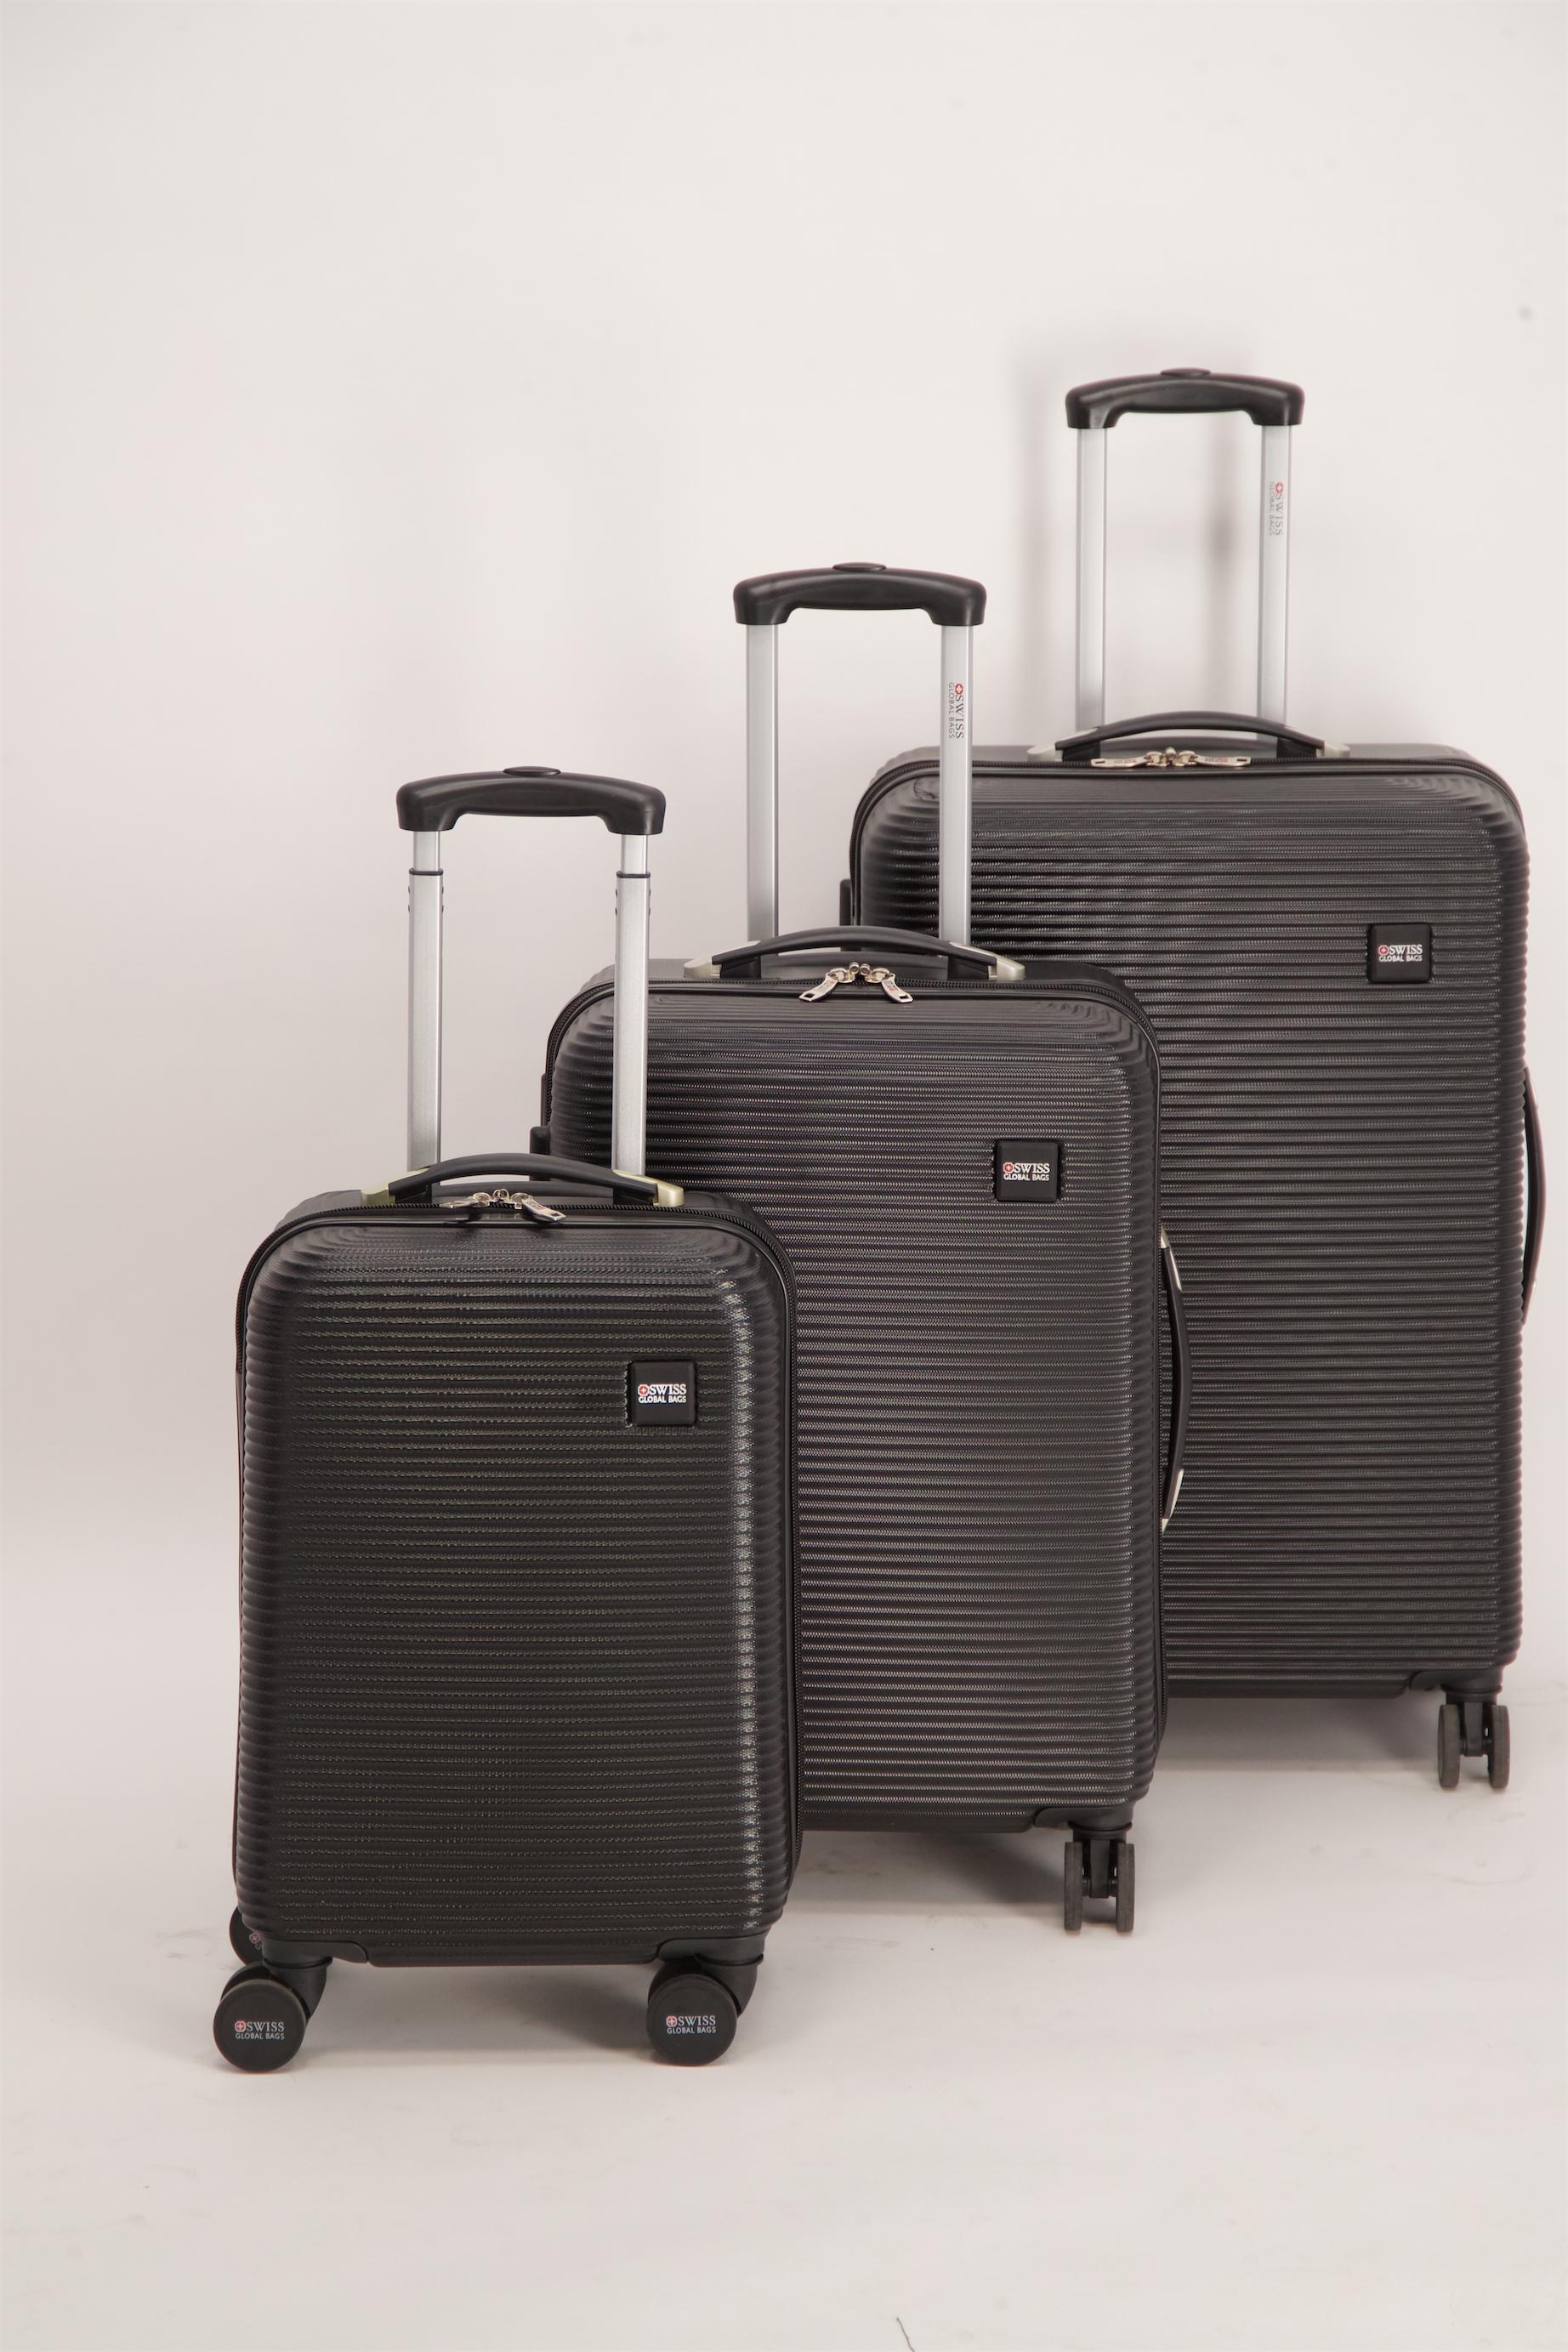 20-24-28 SWISS שלישיית מזוודות קשיחות